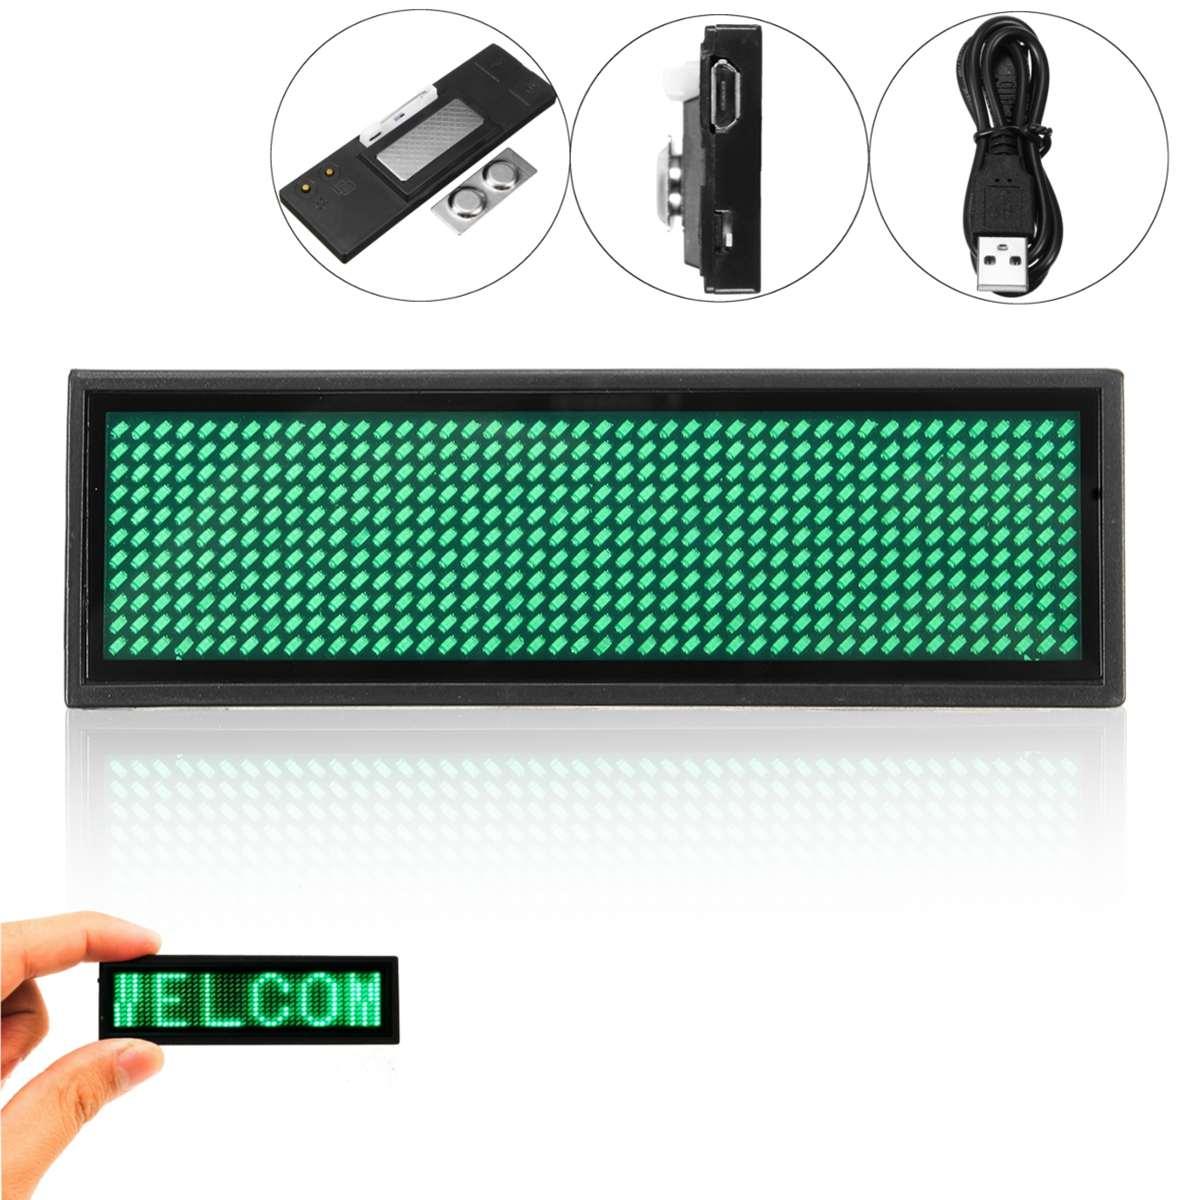 Светодиодный мини Цифровой Программируемый Прокрутка перезаряжаемое имя, сообщение, знак бейджа, перезаряжаемый светодиодный значок с именем, красный, синий, зеленый, белый - Испускаемый цвет: Зеленый